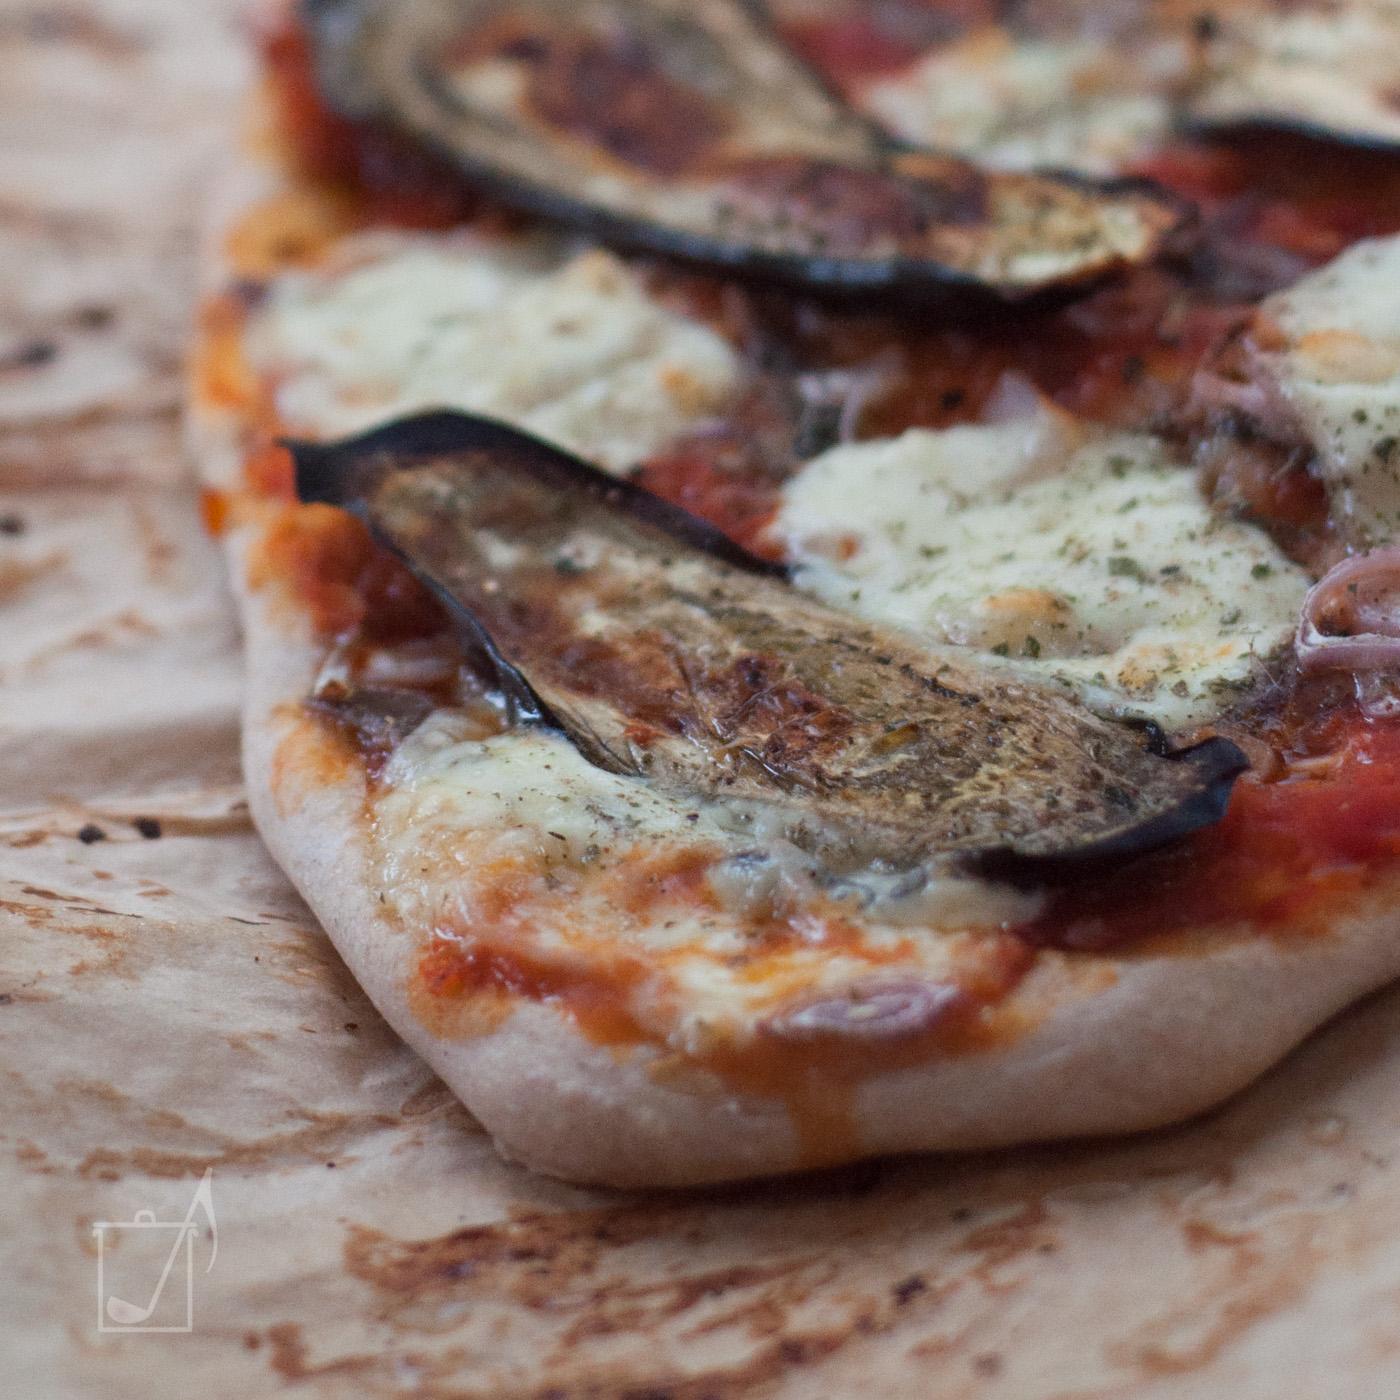 Pizzateig mit Aubergine belegt